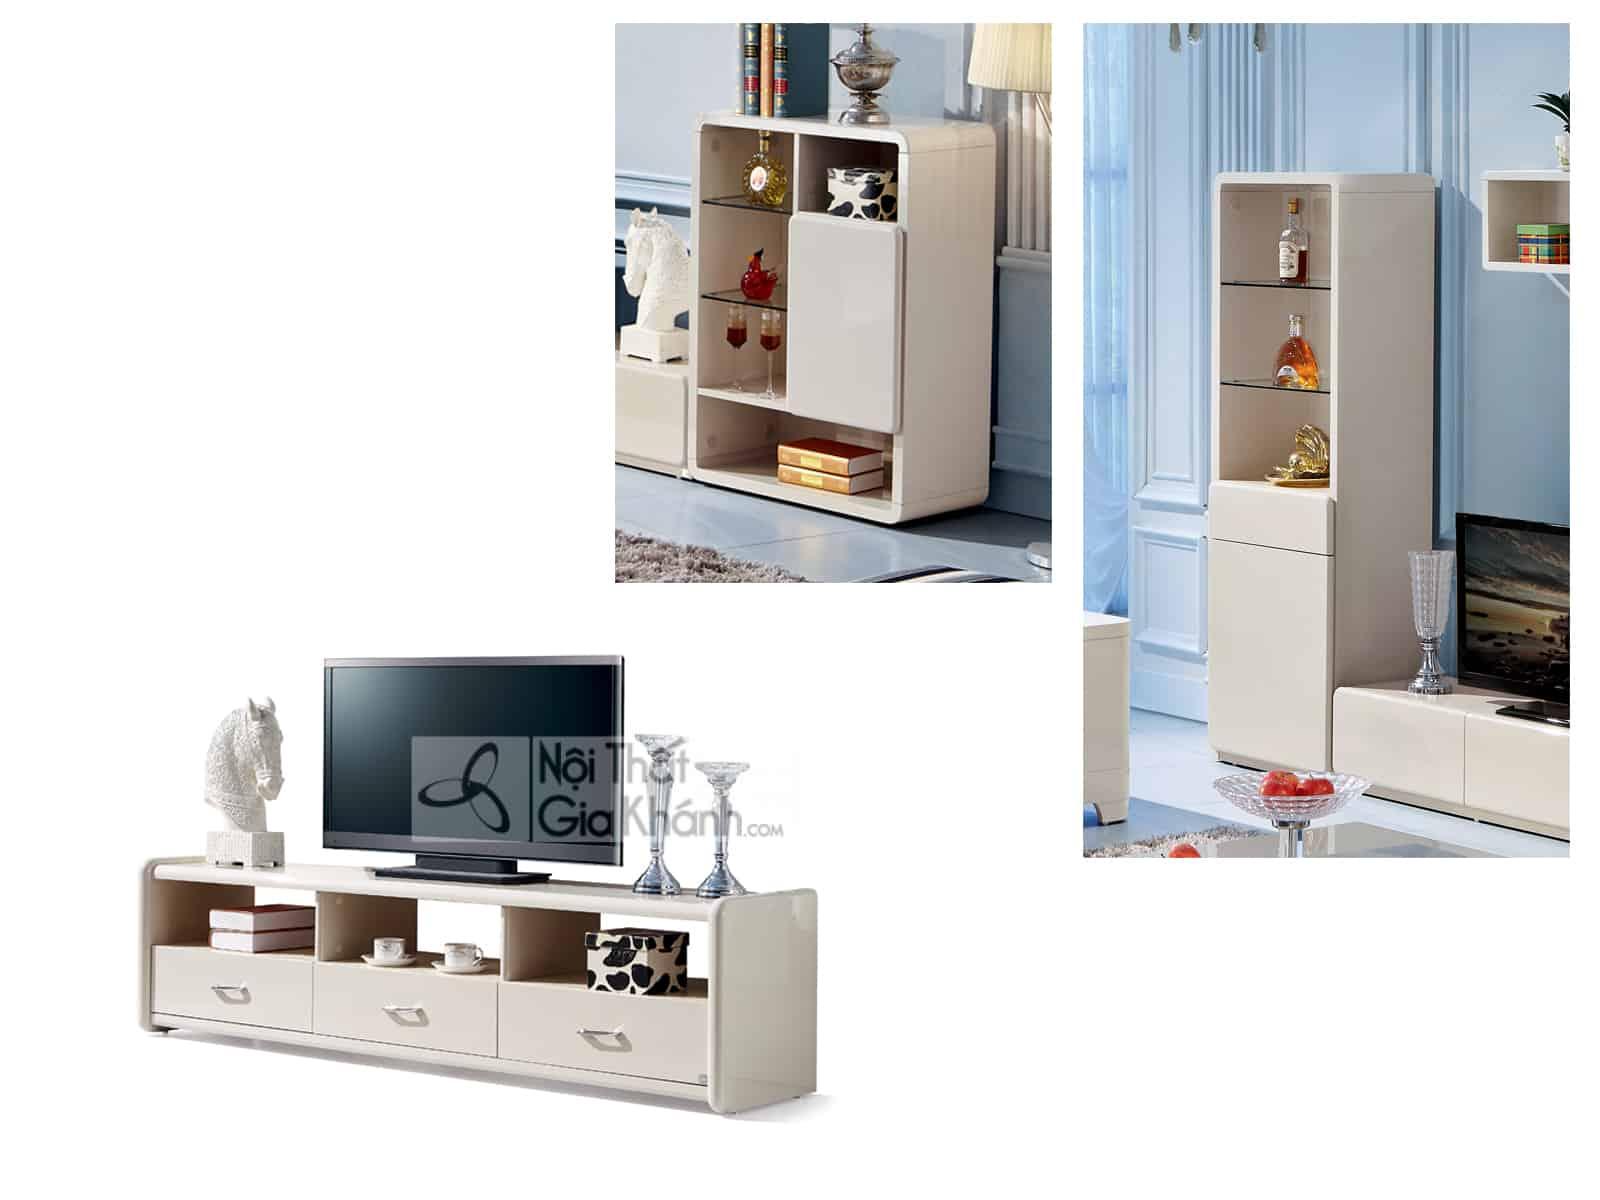 Bộ kệ Ti vi phòng khách hiện đại gỗ màu trắng nhập khẩu 3320BK